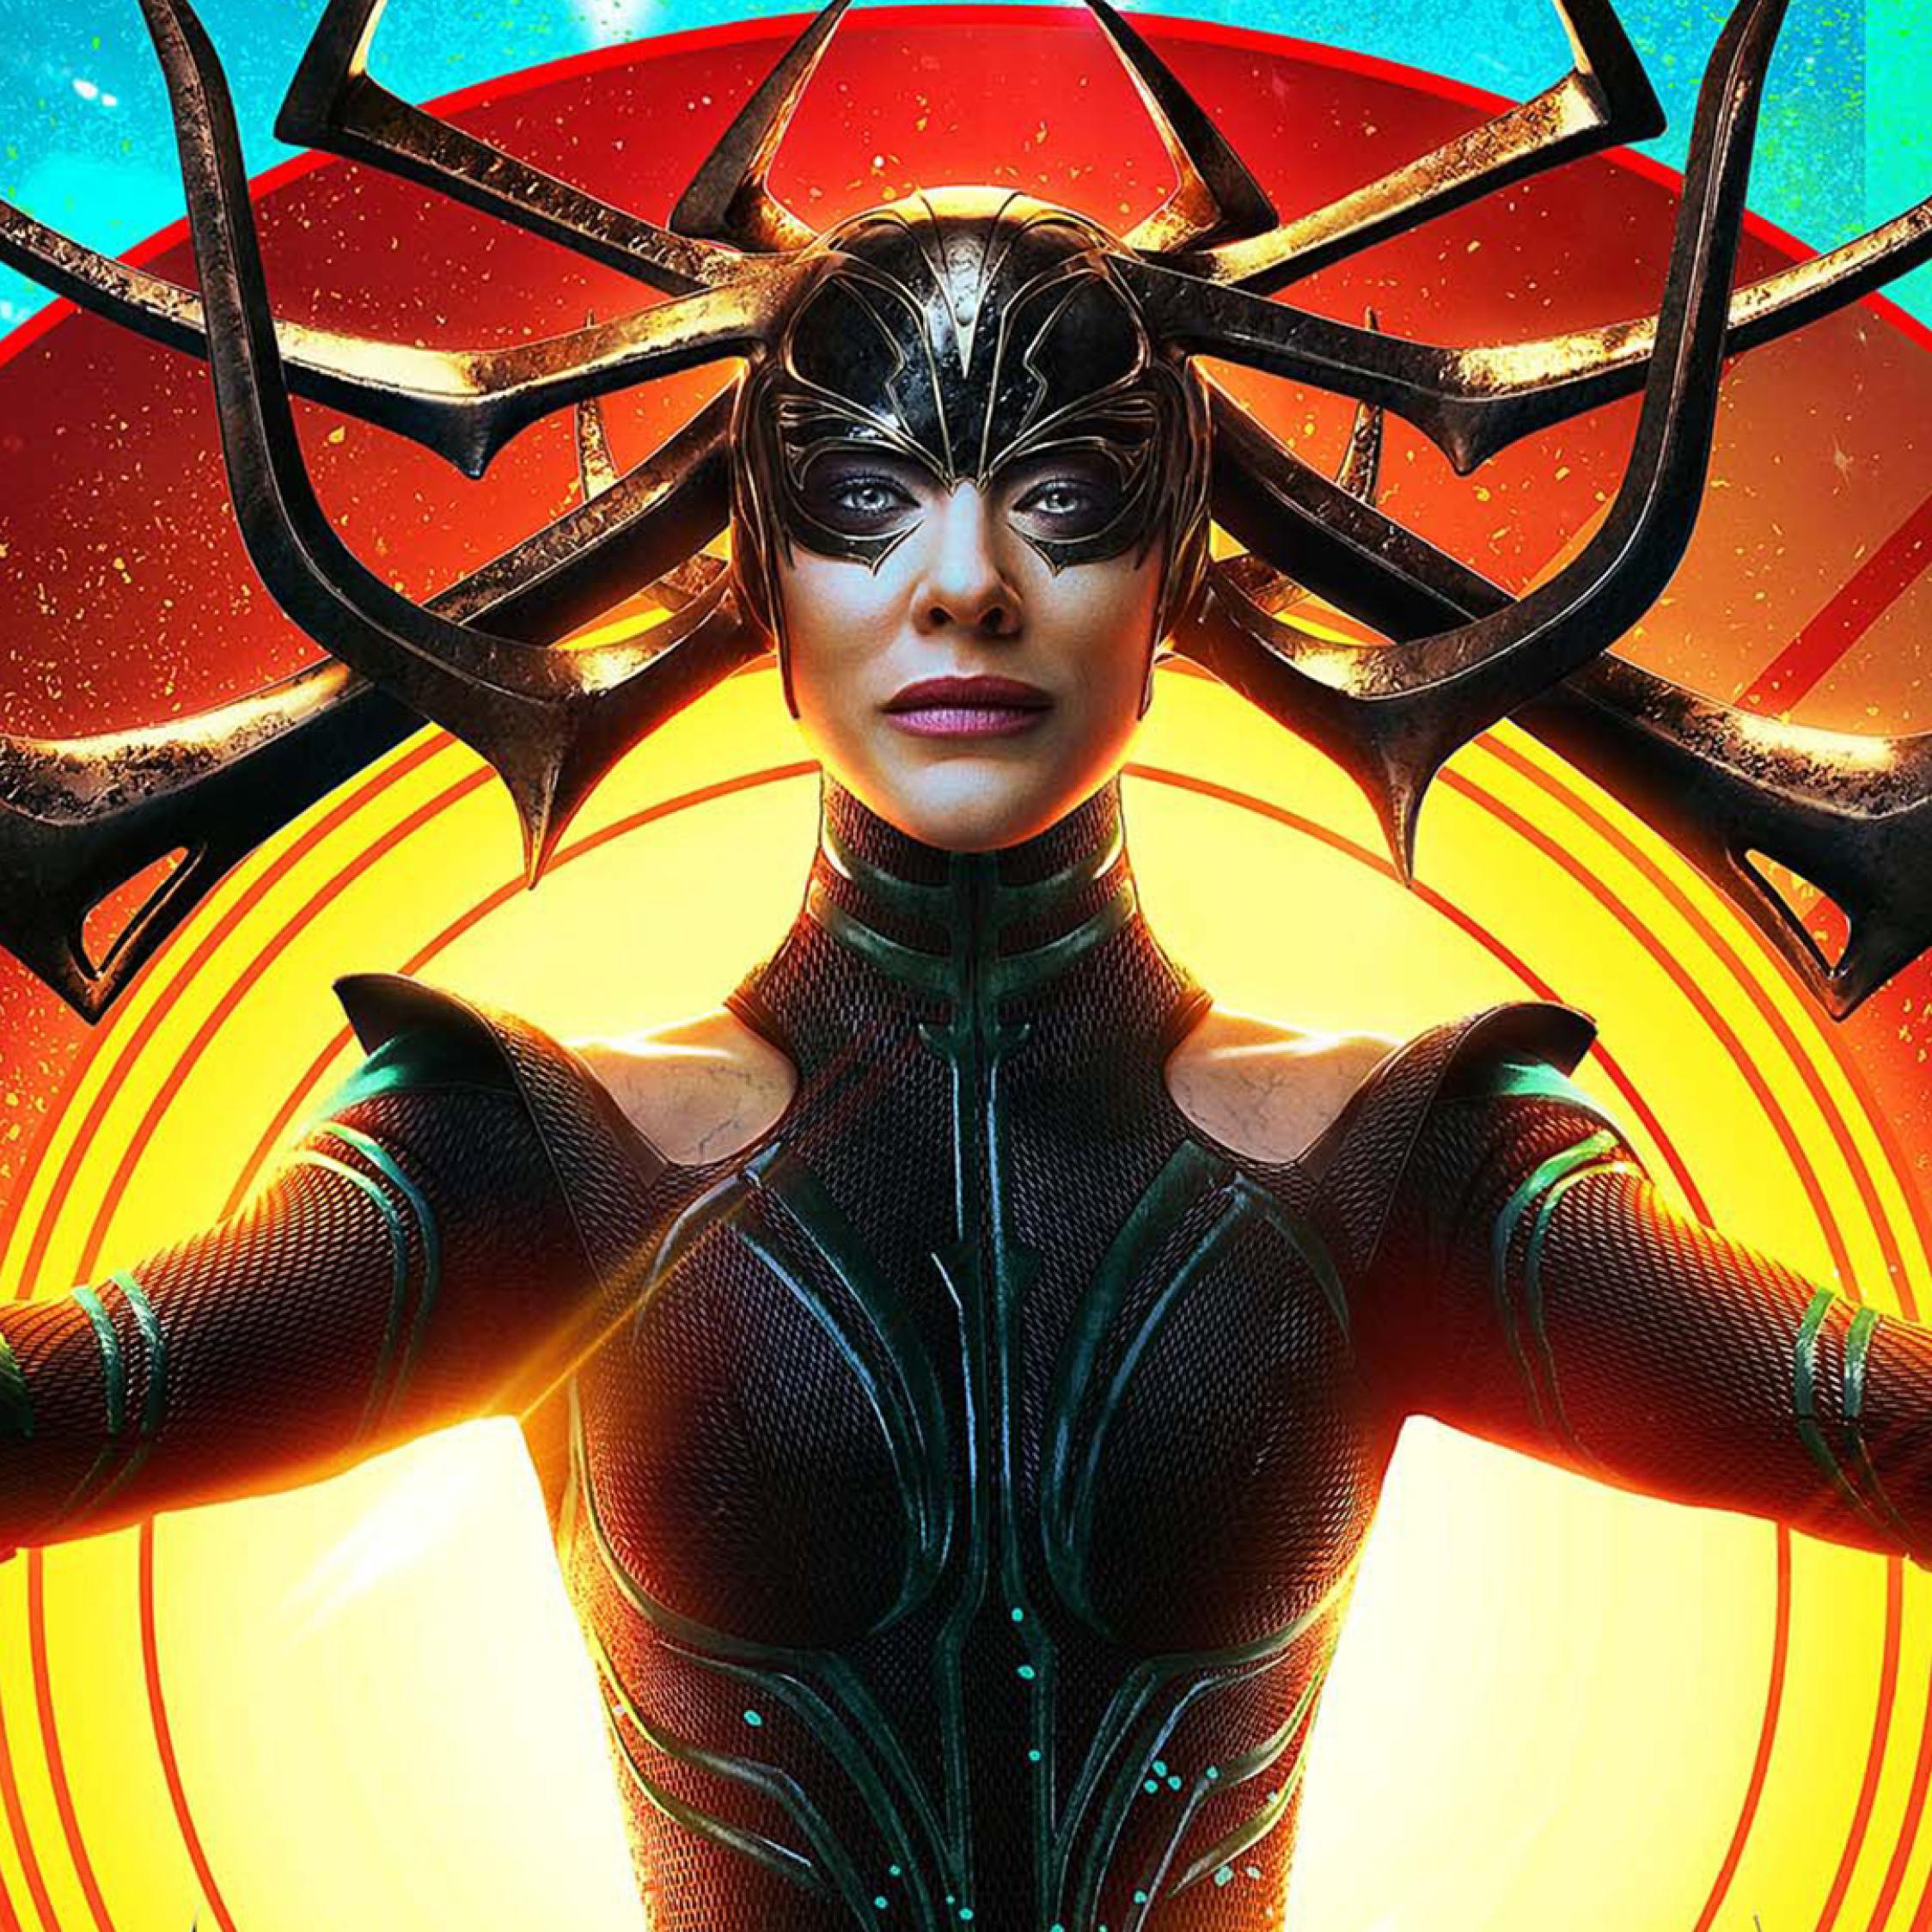 Cate Blanchett Hela In Thor Ragnarok (marvel Comics), Full ...